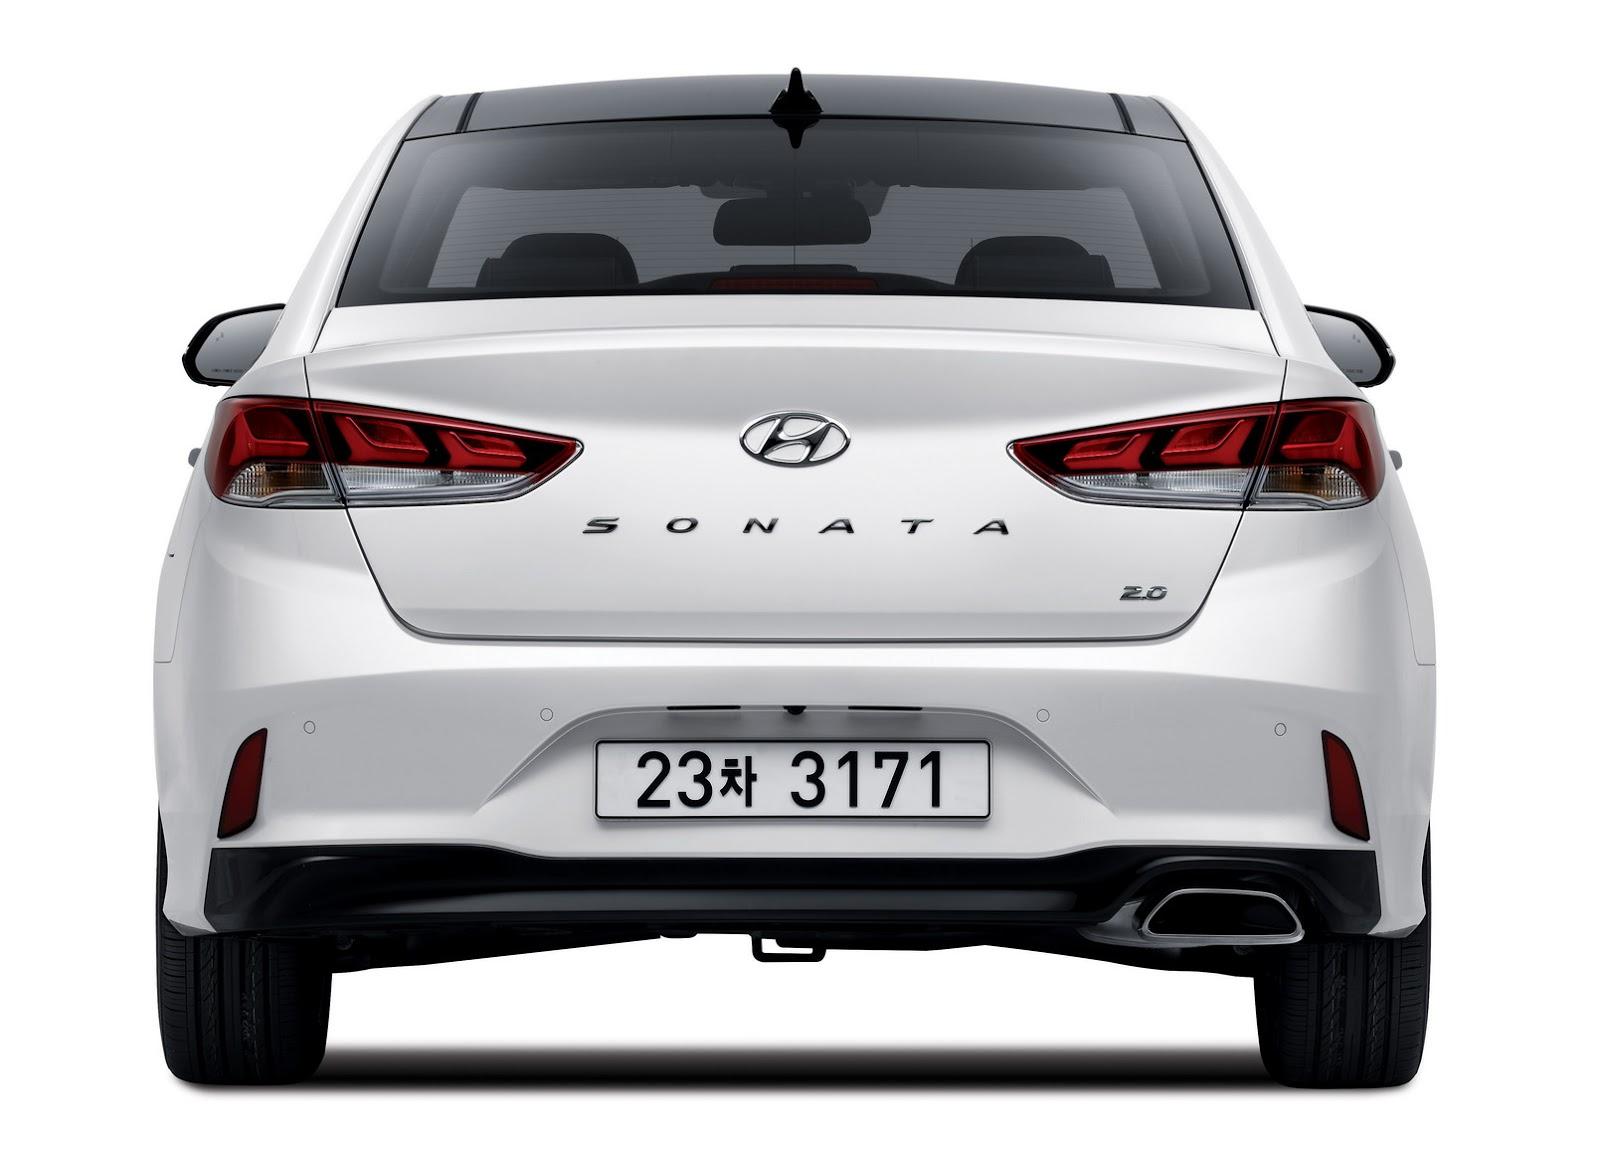 2018 hyundai sonata facelift.  facelift refreshed 2018 hyundai sonata  intended hyundai sonata facelift 0